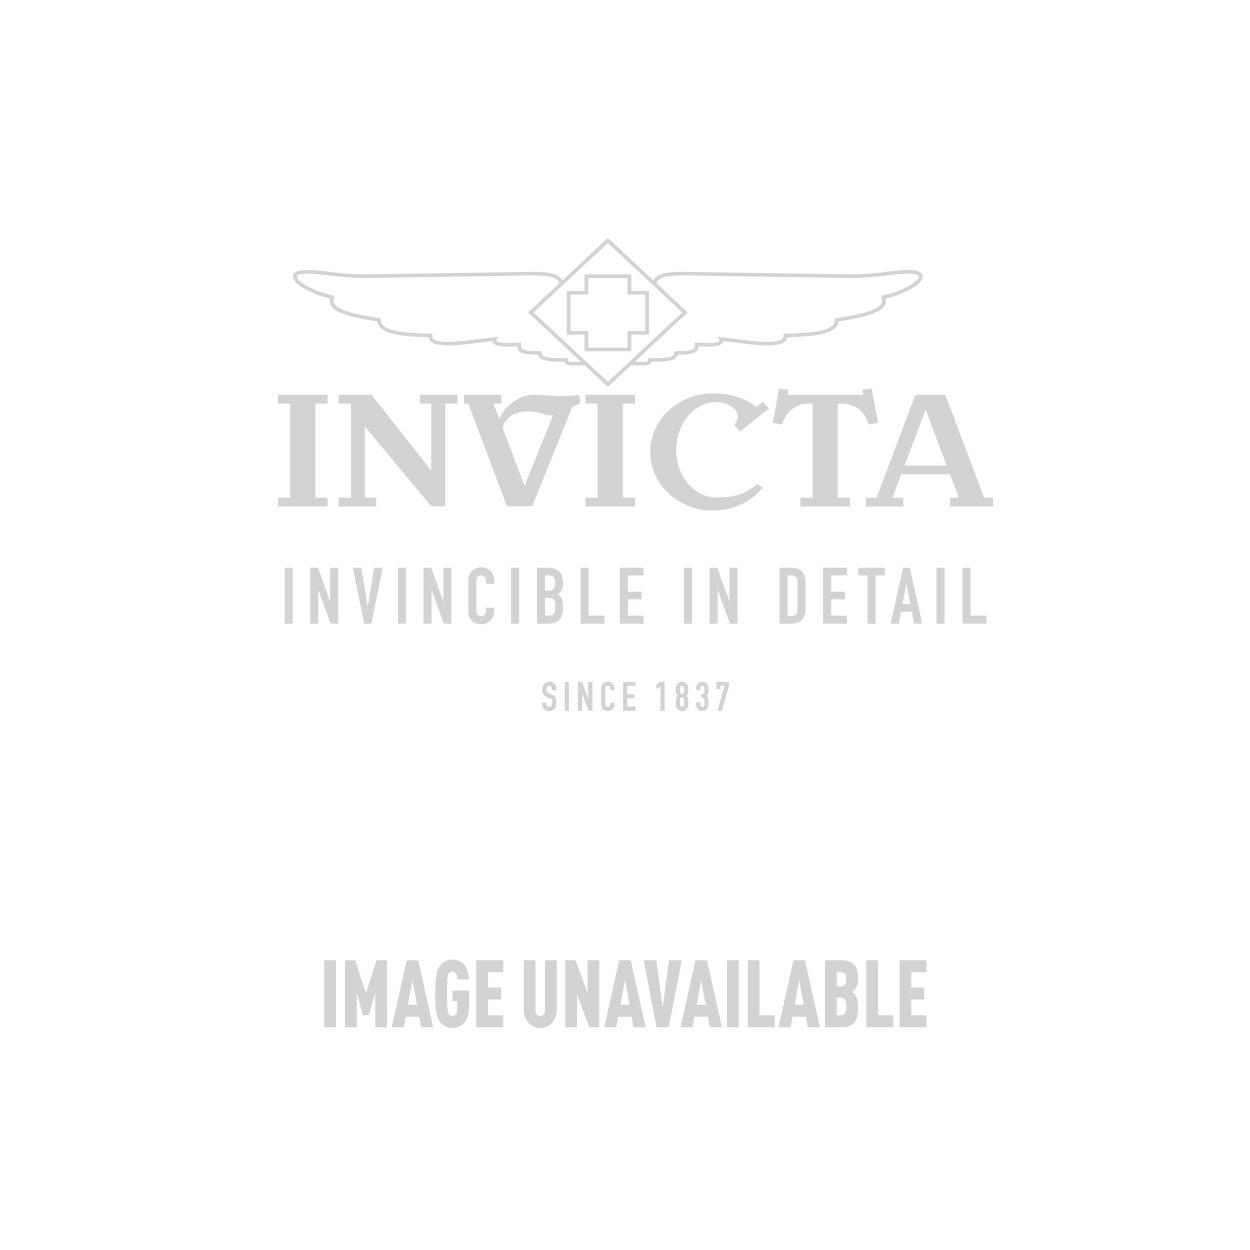 Invicta Model 23000